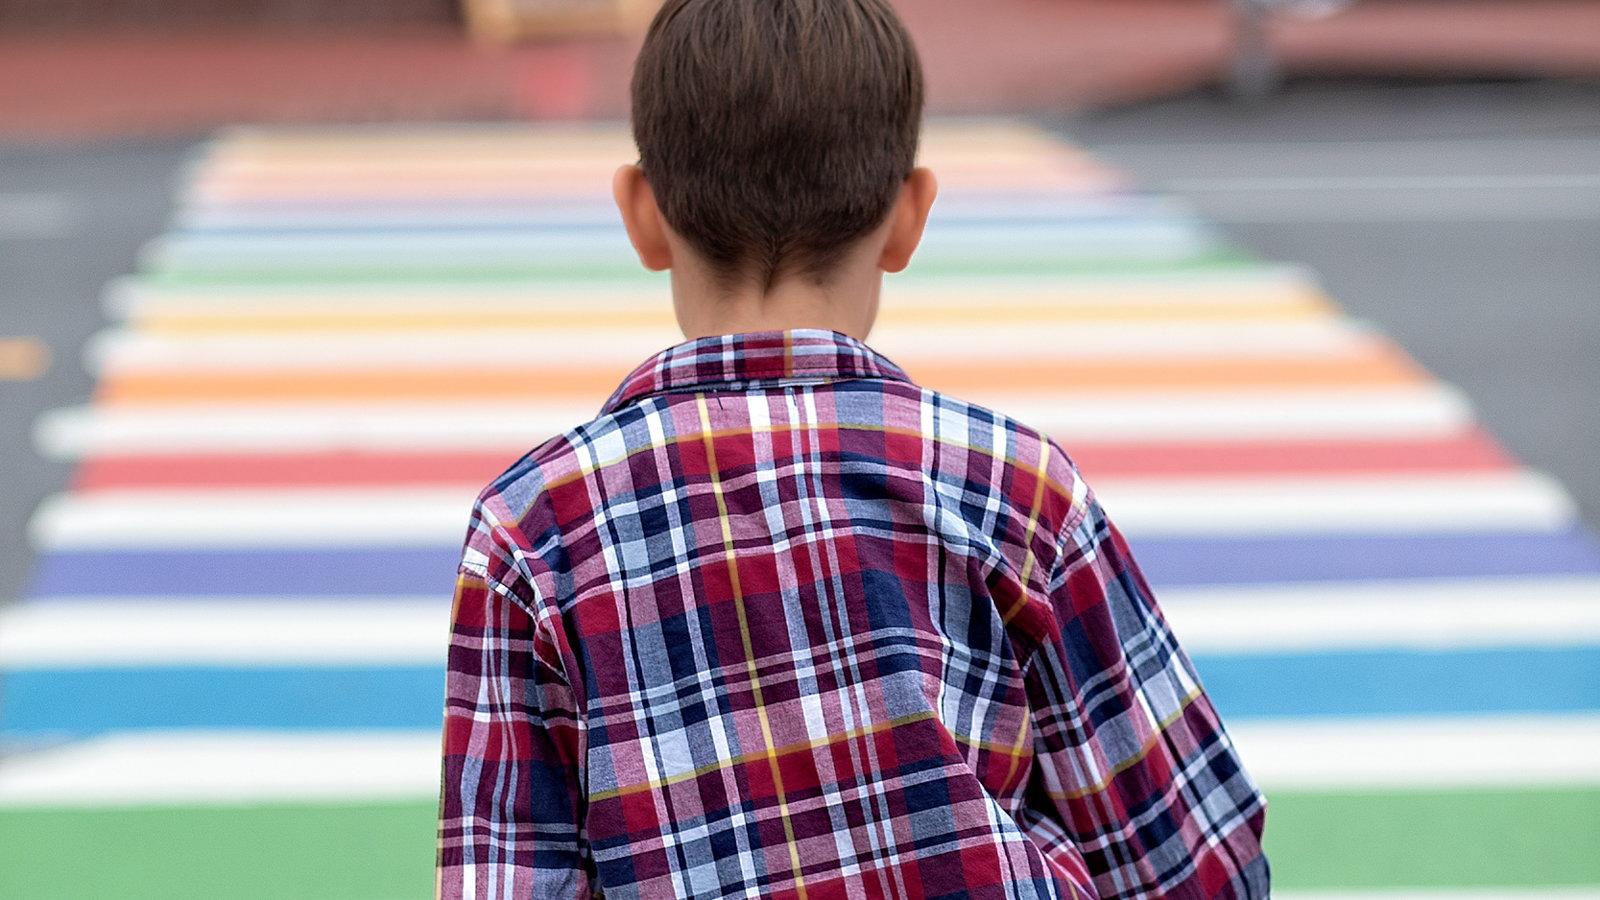 boy walking across colored rug